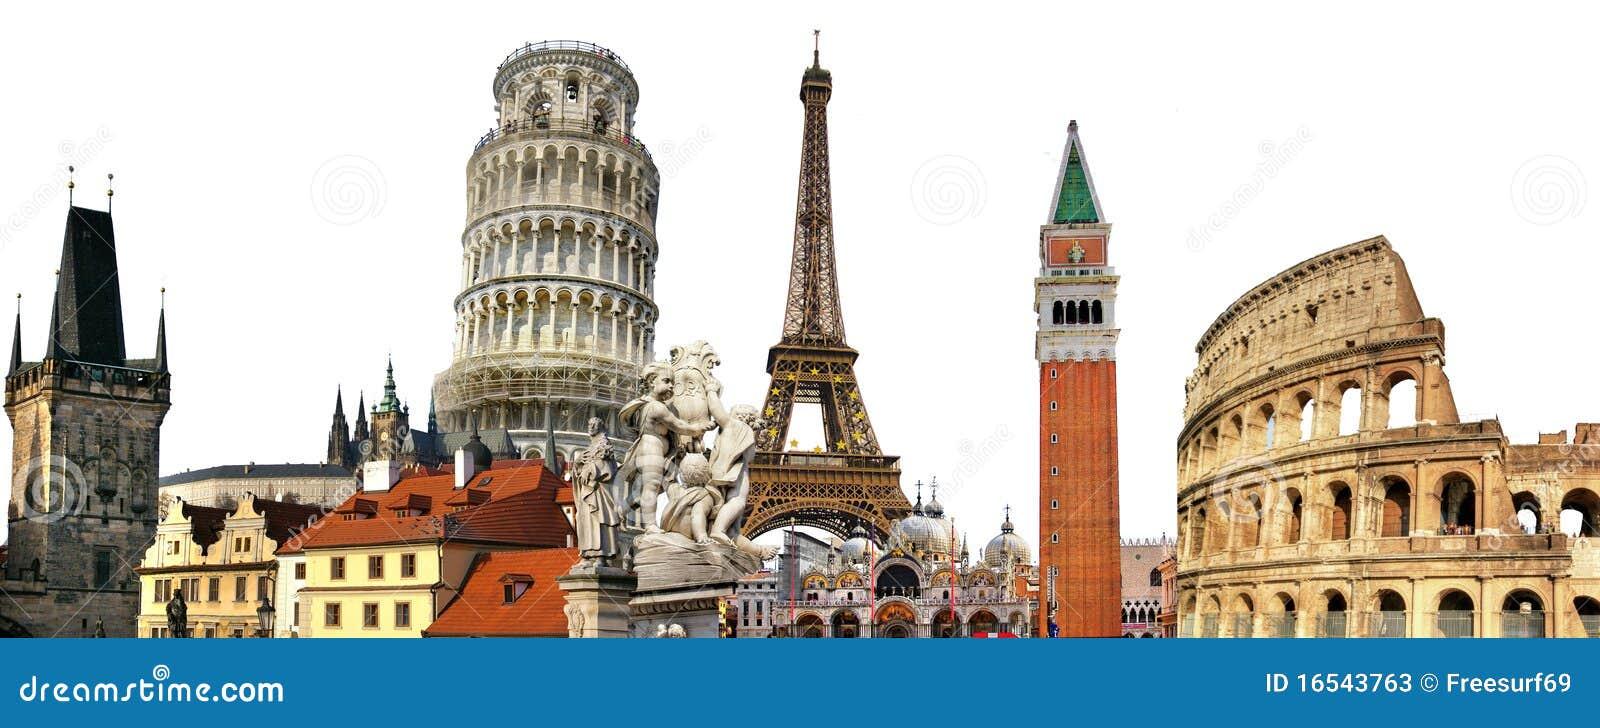 Download European landmarks stock image. Image of postal, aged - 16543763